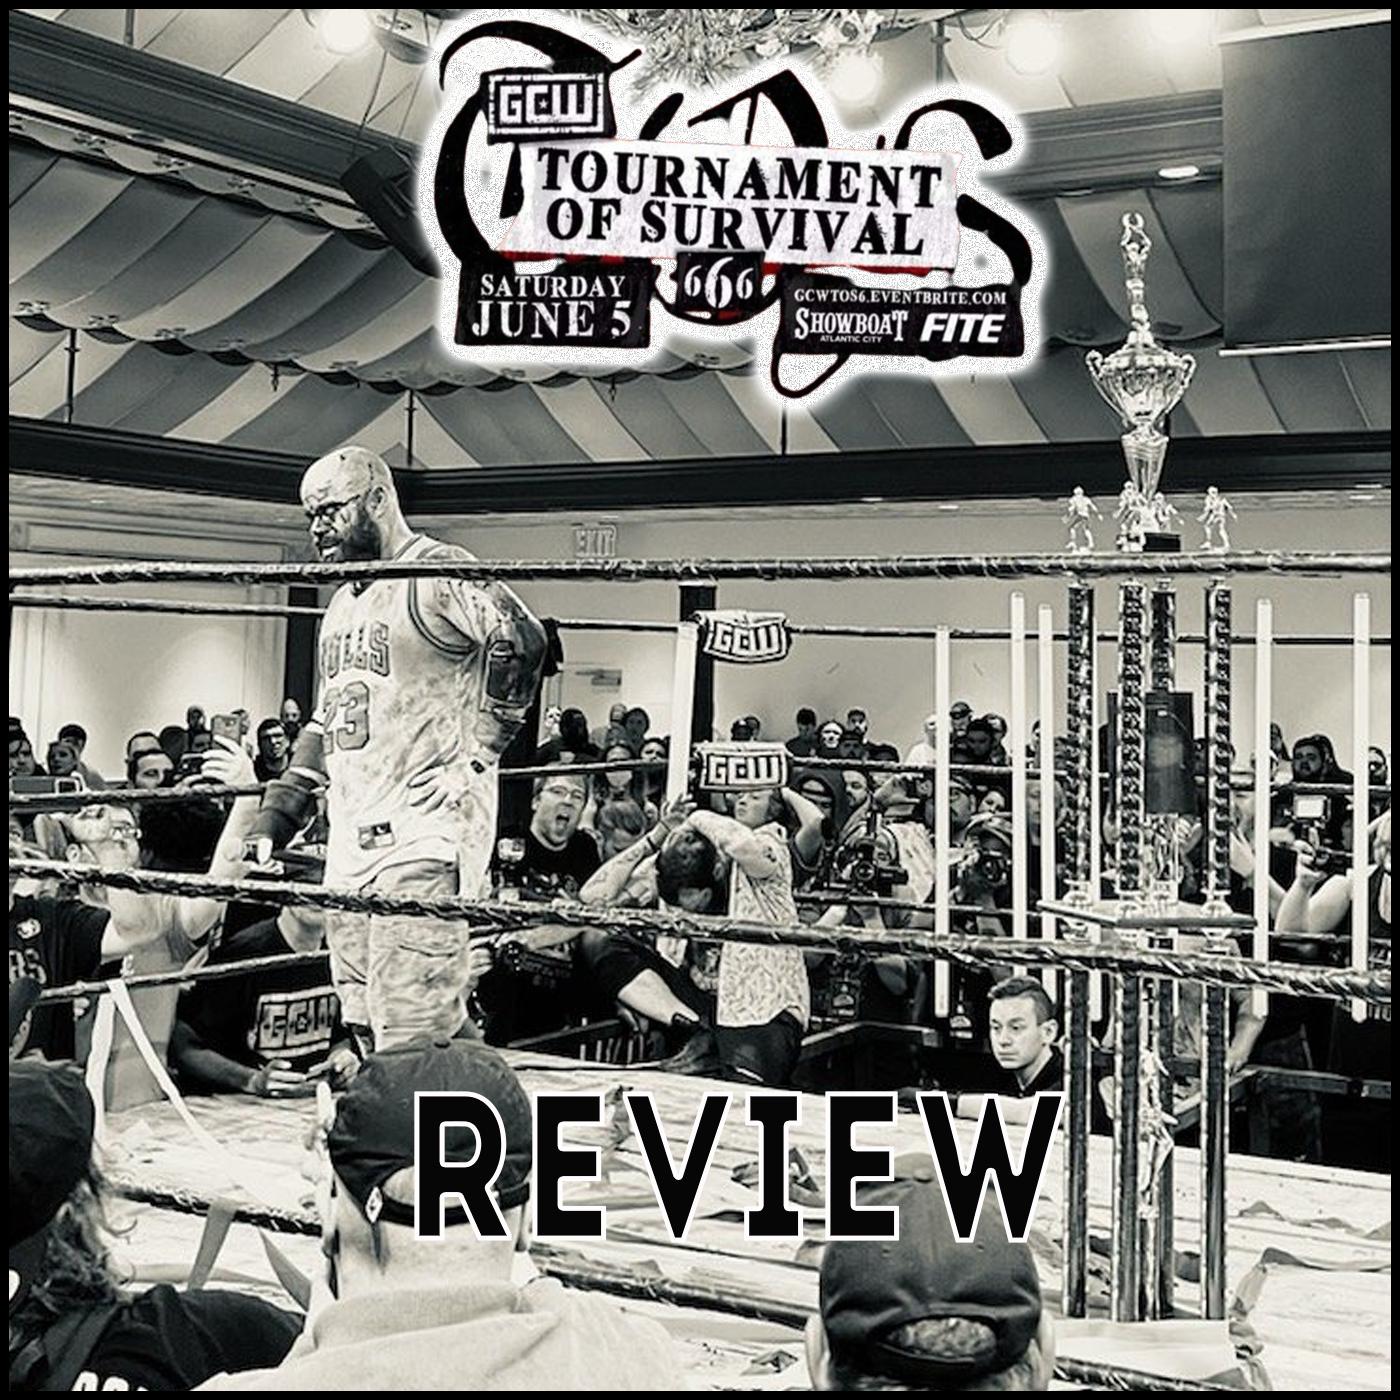 Review GCW : Tournament of Survival 666 : Le Meilleur tournois DM EVER ?